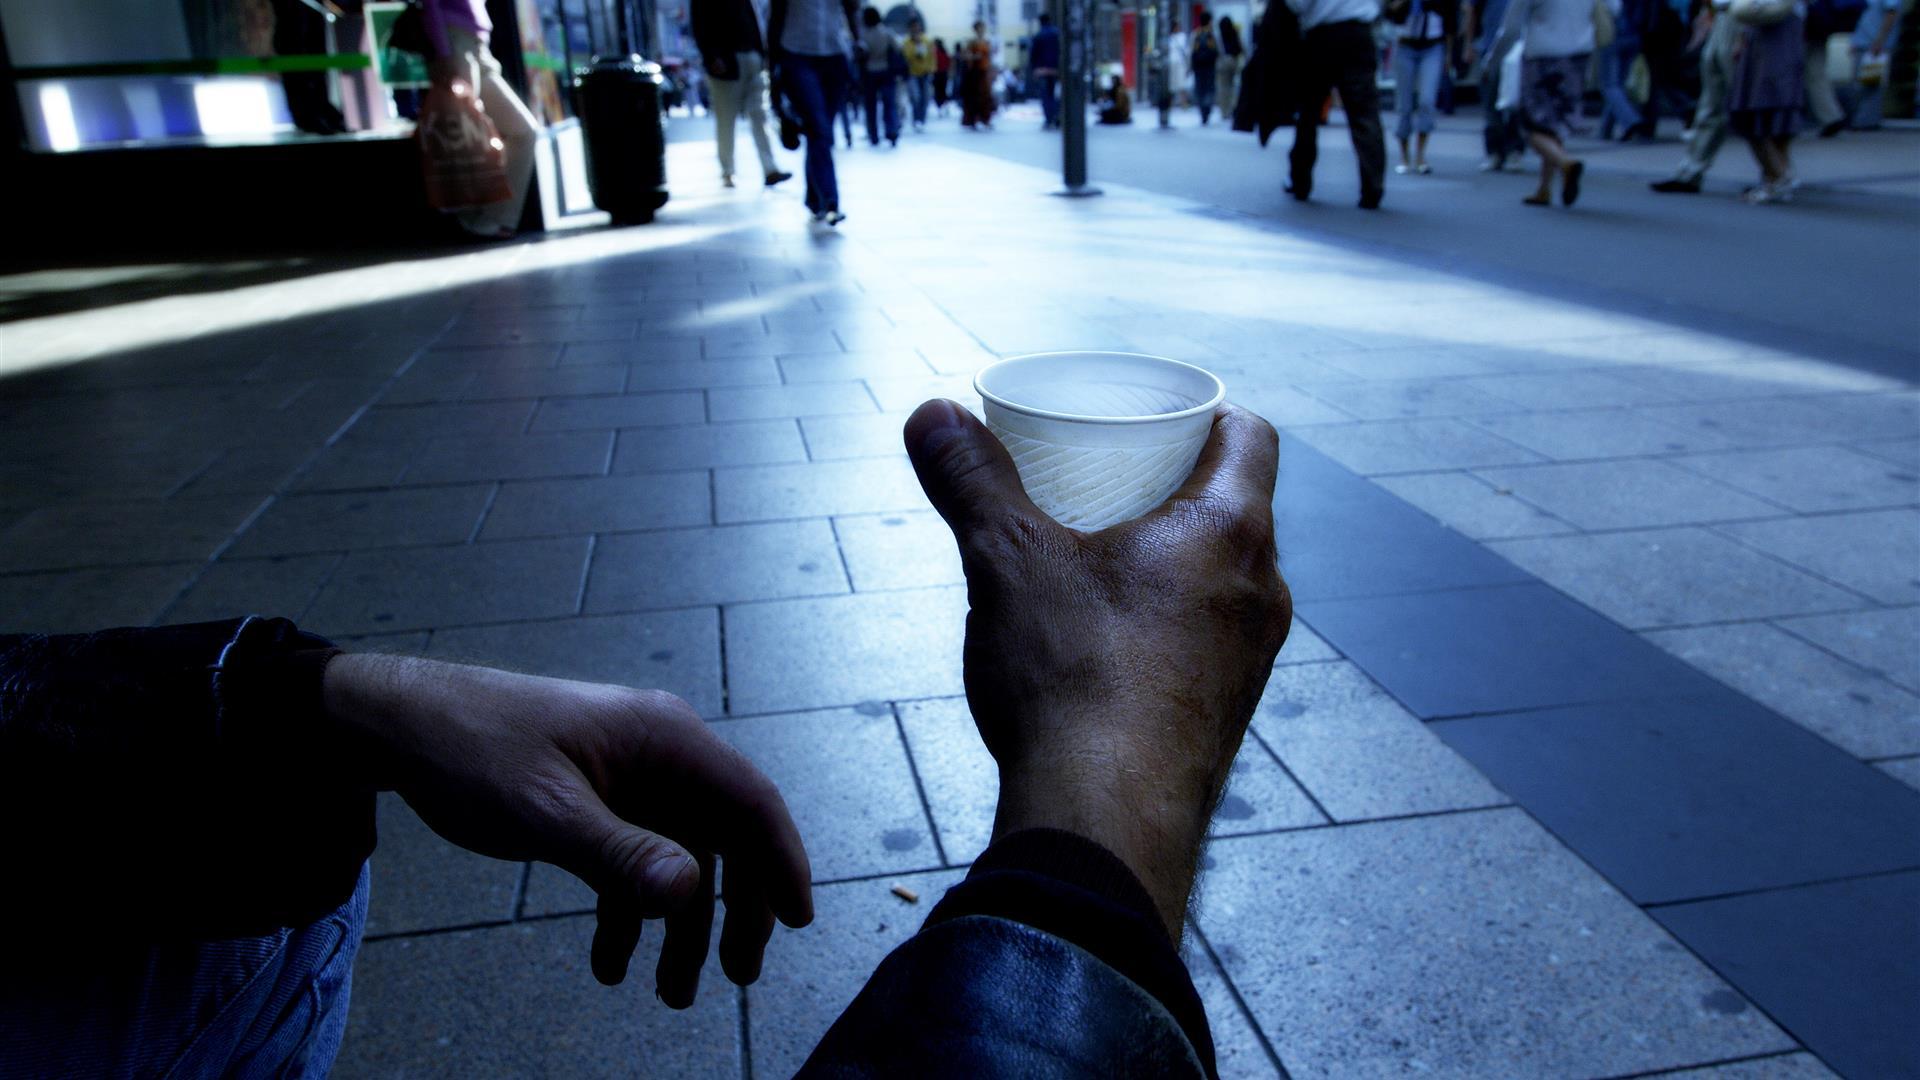 Reddito di inclusione: M5S critica Pd e Governo